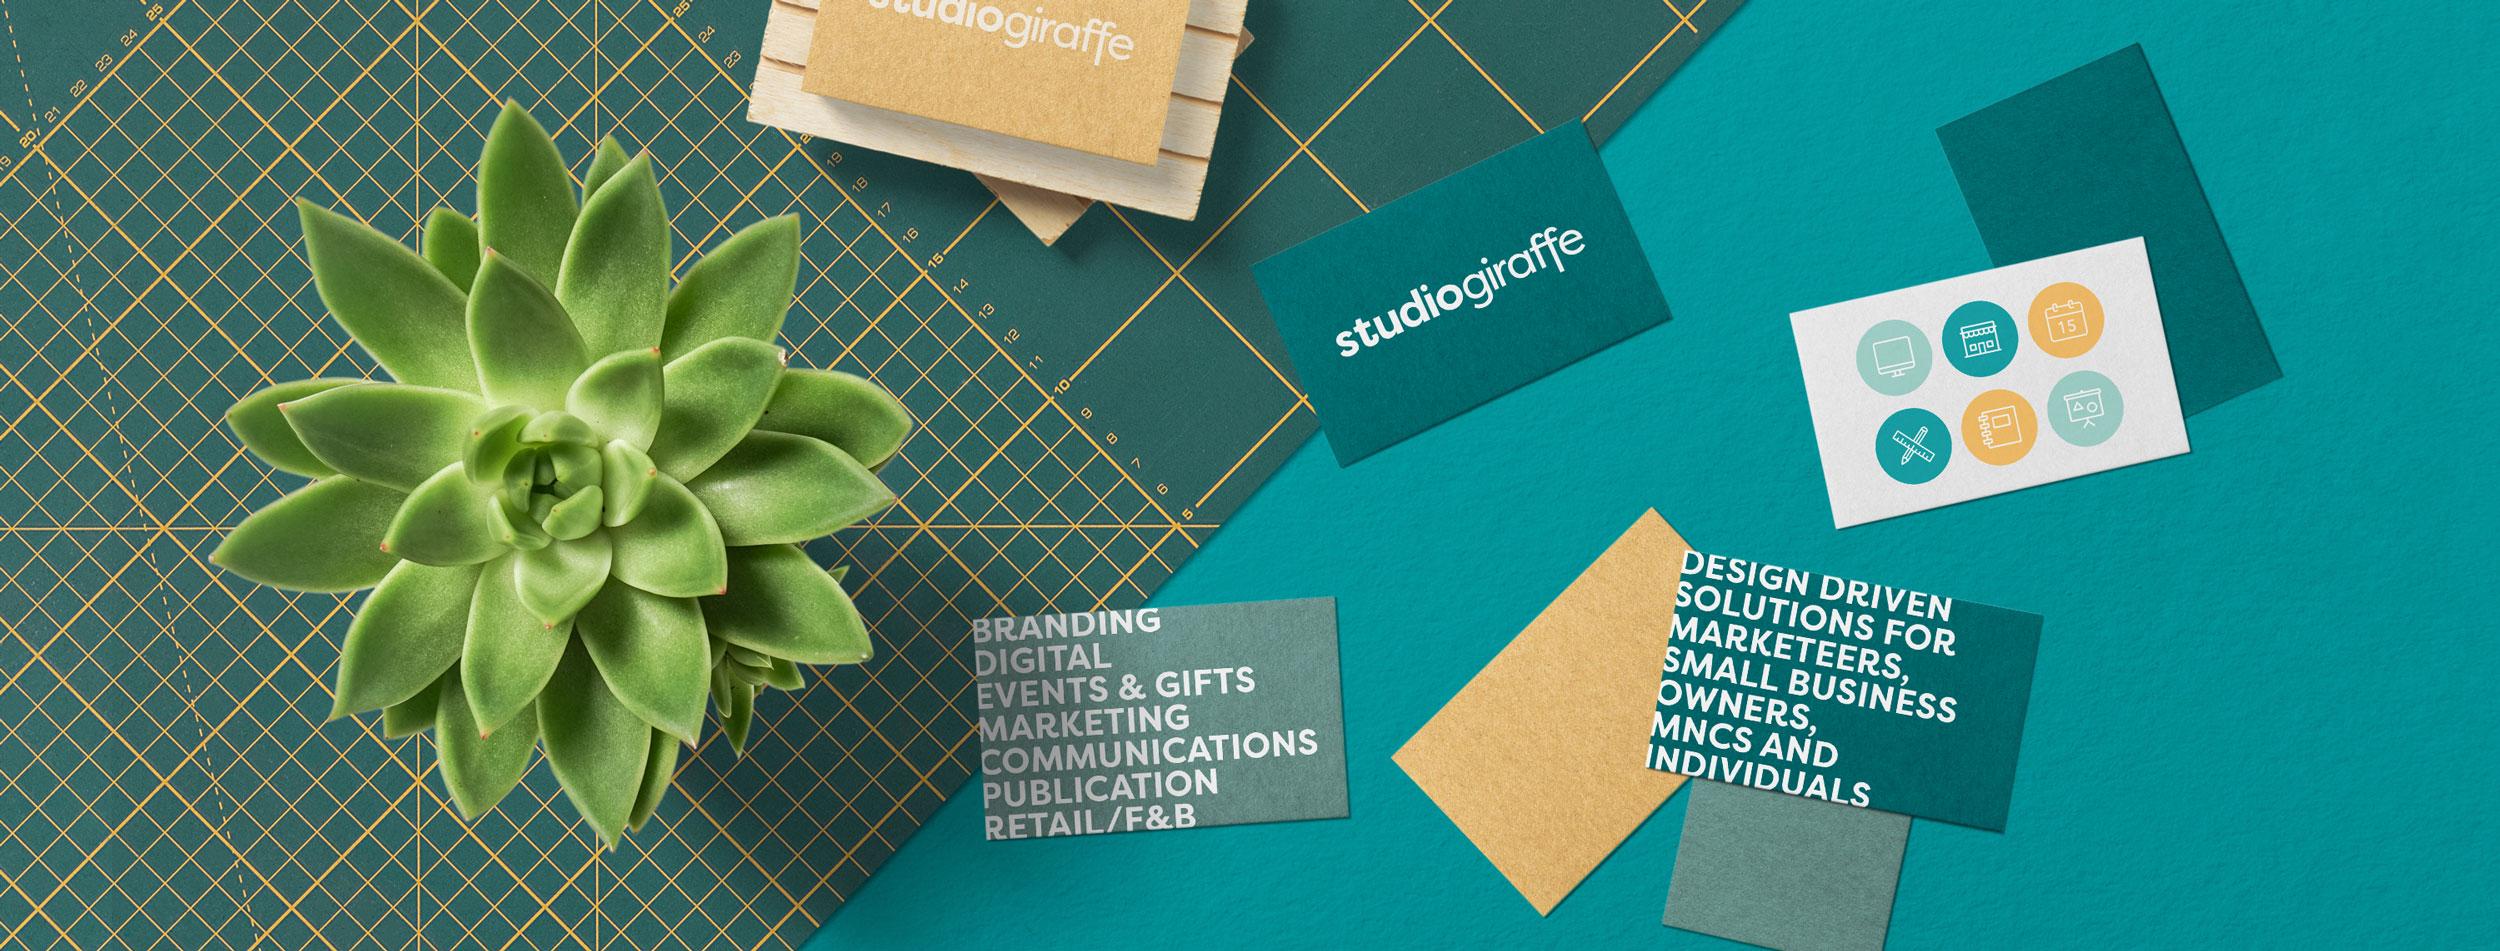 studio-giraffe-home-header-image.jpg